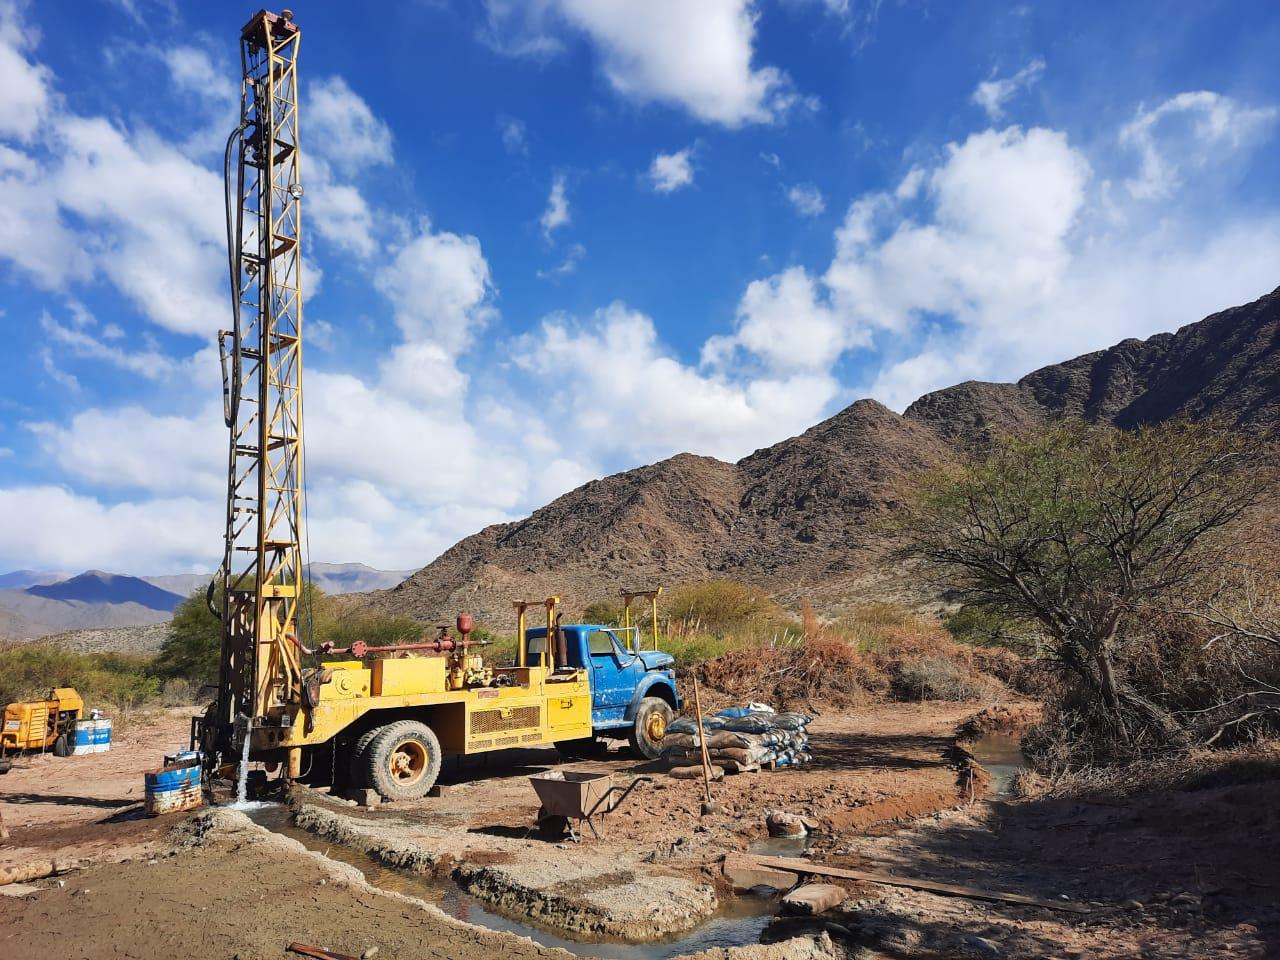 Un nuevo pozo de agua abastecerá a familias de Seclantás